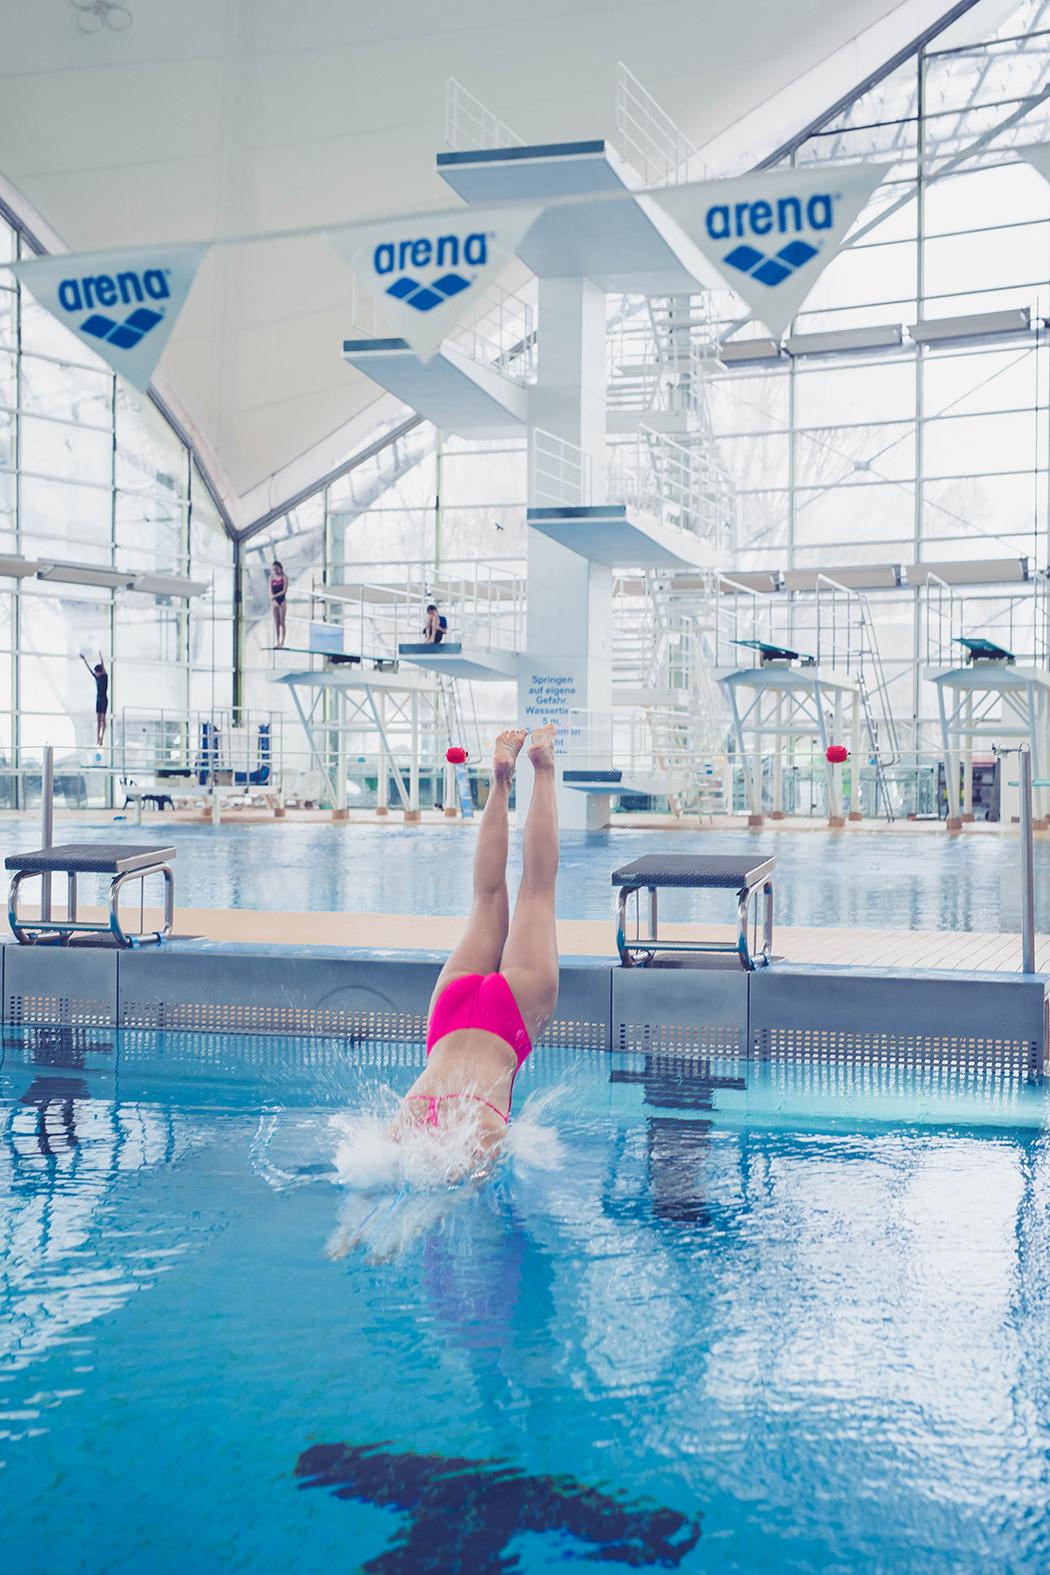 Fitnessblog-Fitnessblogger-Fitness-Blog-Blogger-Schwimmen-Anfaenger-Arena-Equipment-Linda-Lindarella-Muenchen-Deutschland-40-web